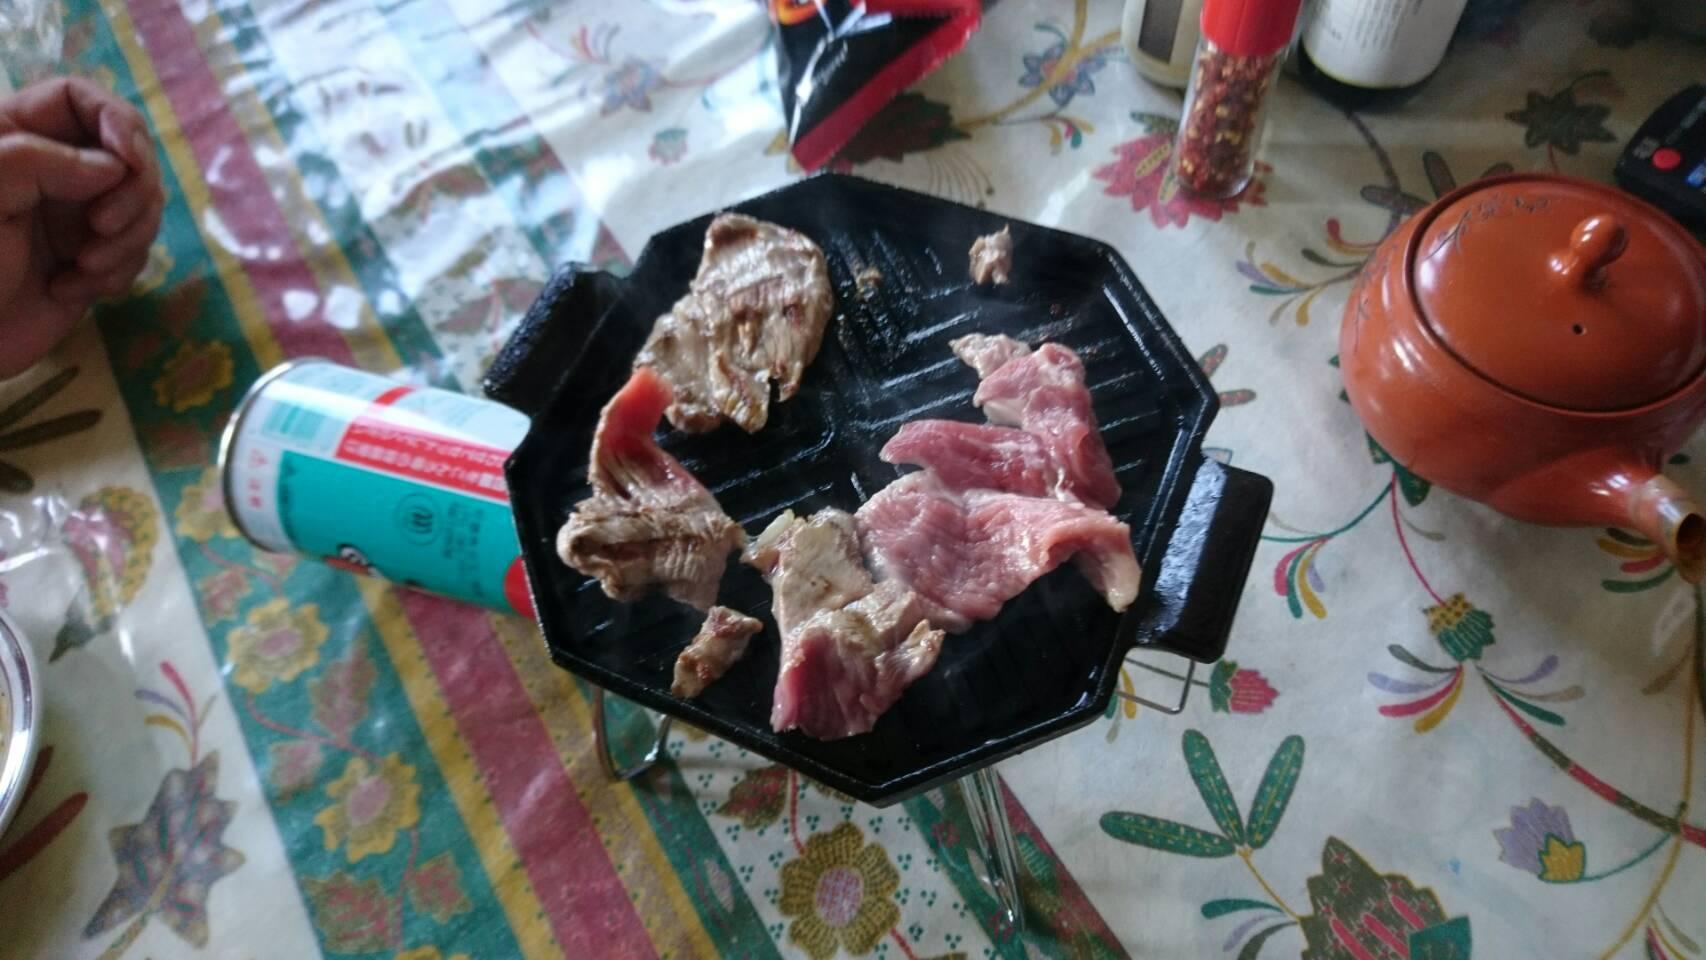 2019/08/10 ラム肉・肉・肉!!_a0140584_07424541.jpg